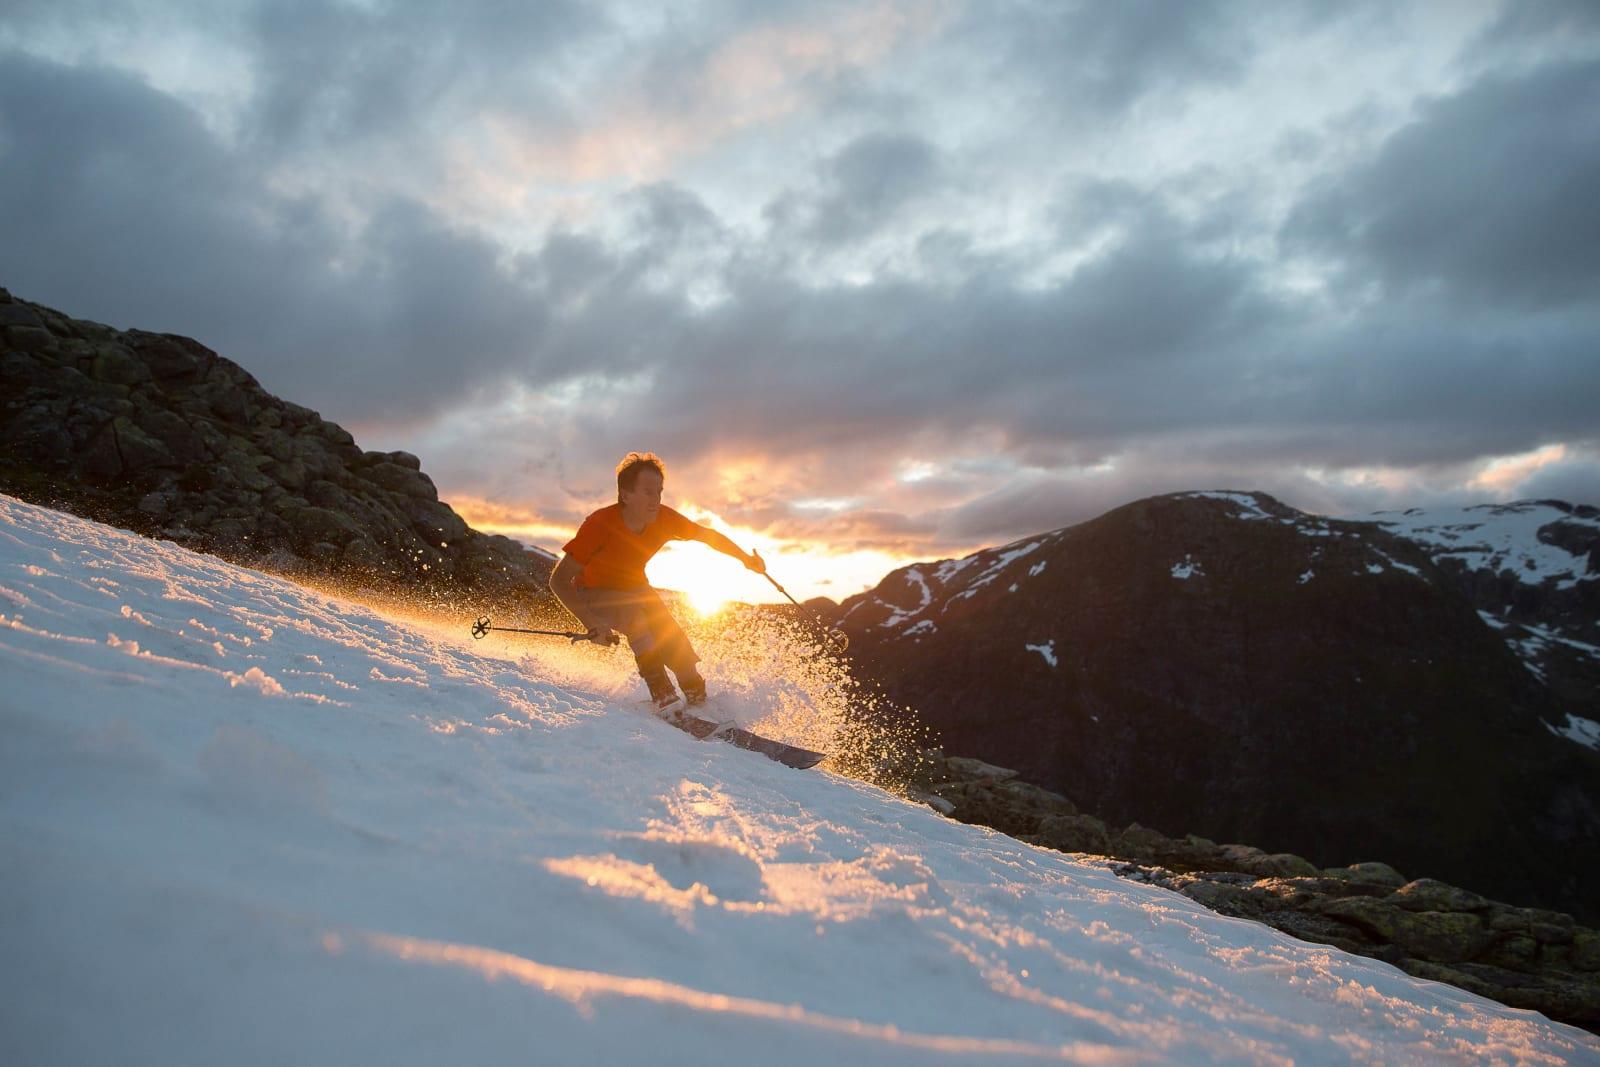 ÅRET RUNDT: En t-skjortekledt Bjørn Ness i aksjon på Togga i september 2015, sommeren etter en av de beste snøvintrene på mange år i Sogndal. Foto: Håvard Nesbø